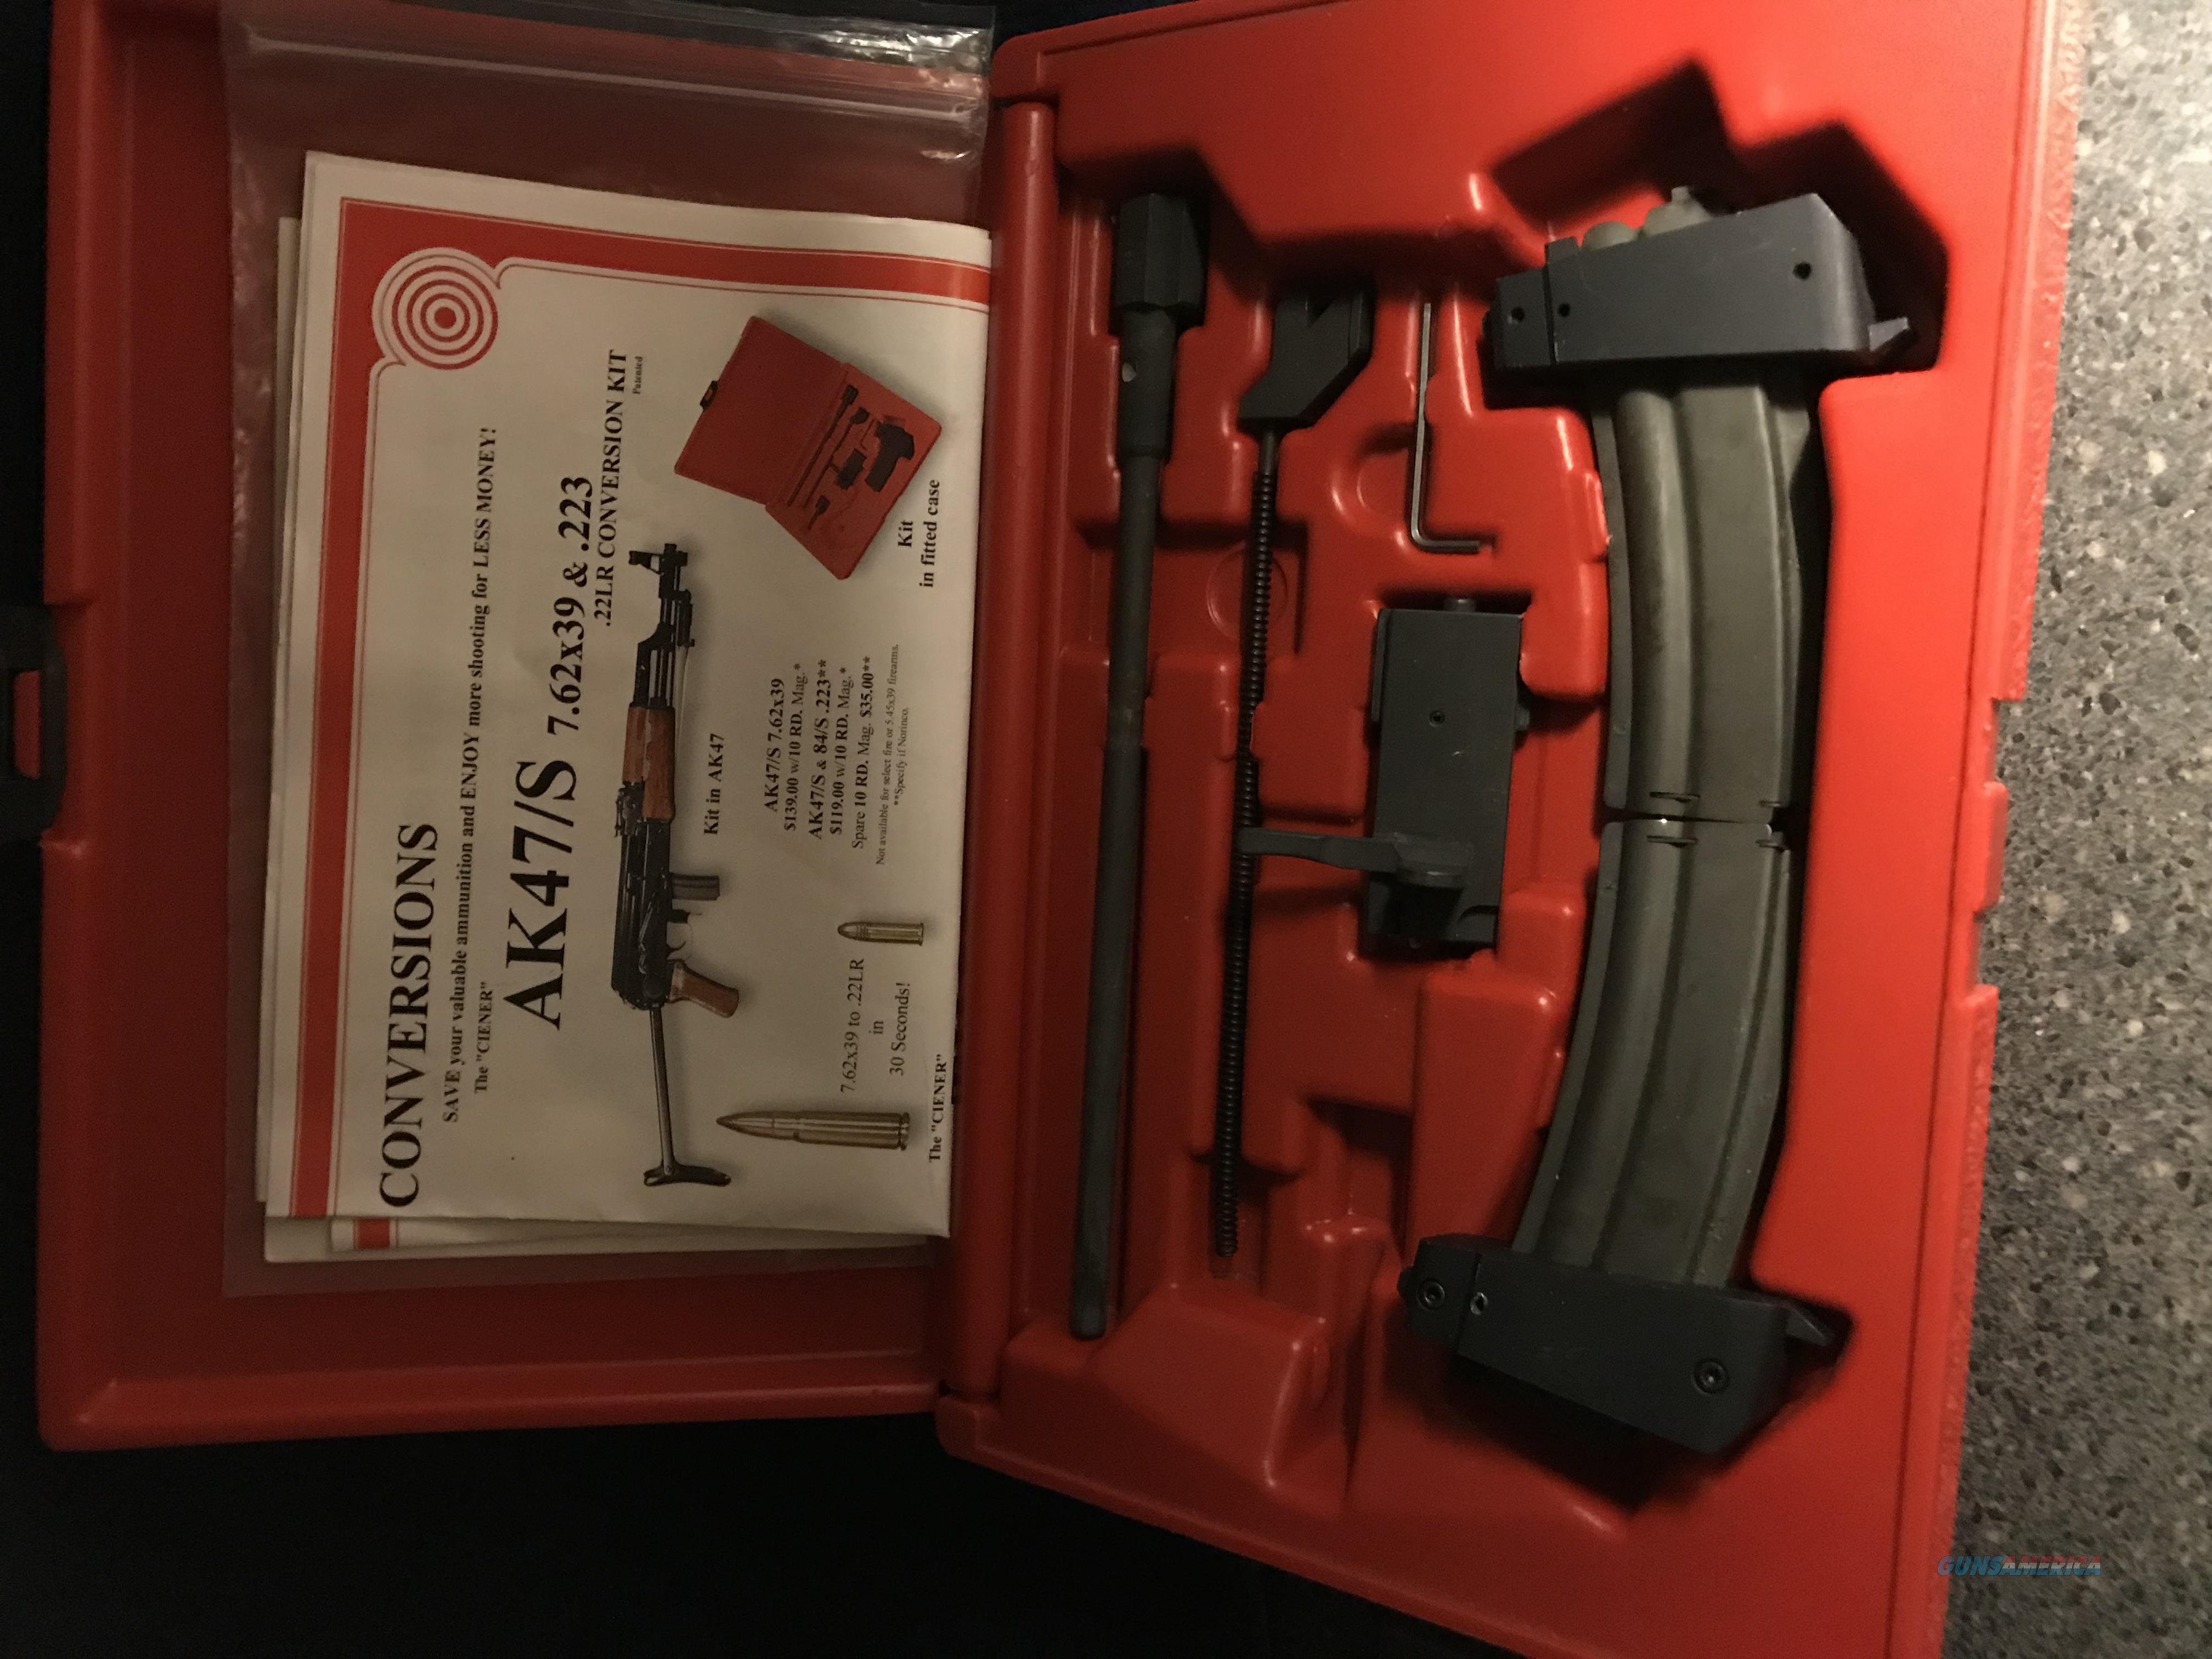 AK-47 22 conversion  Non-Guns > Miscellaneous